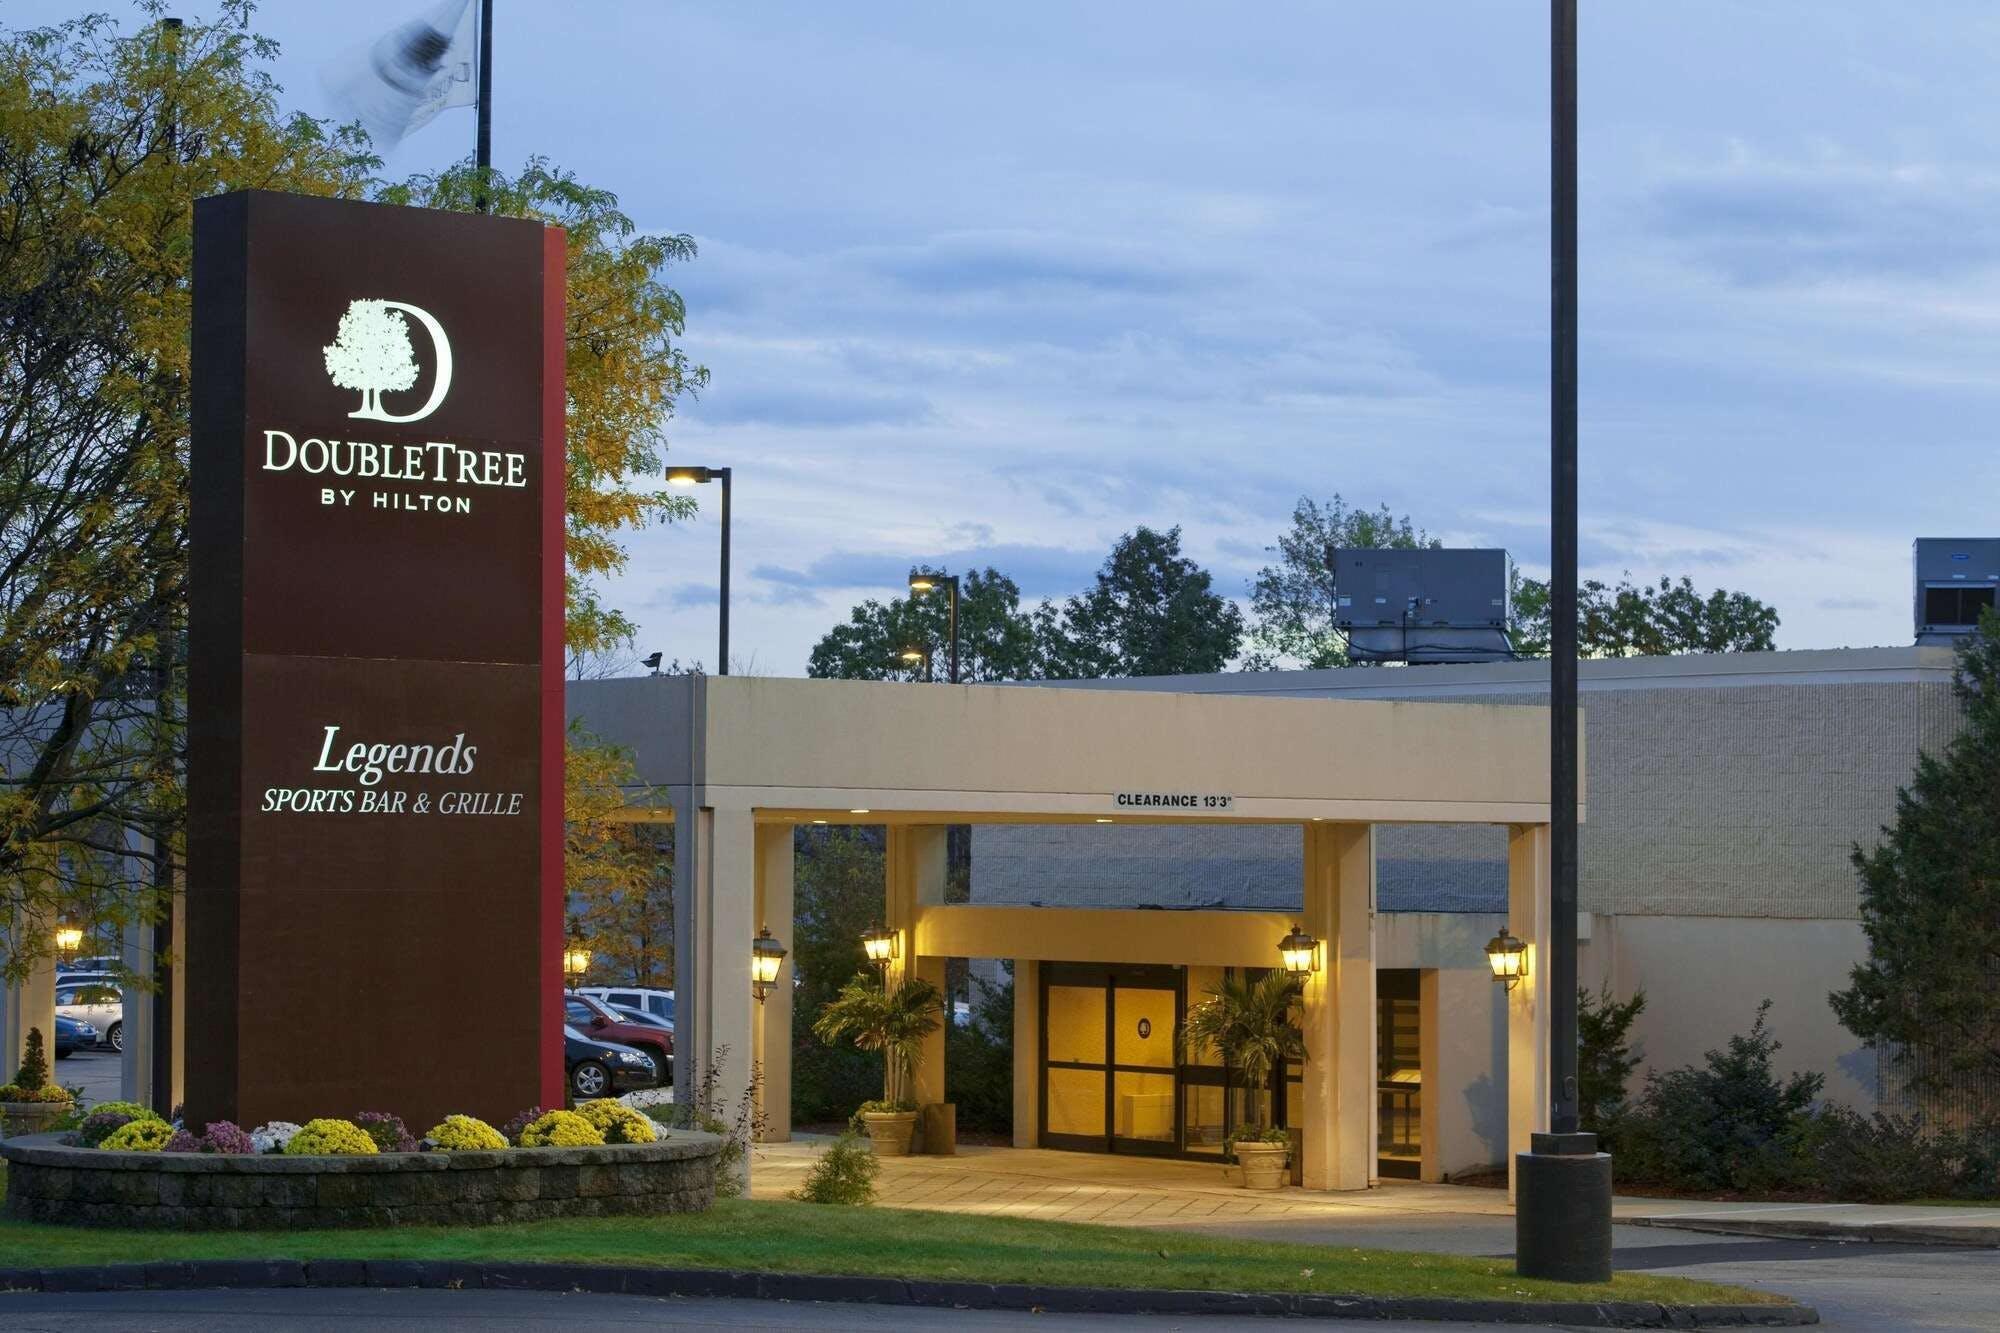 DoubleTree by Hilton Boston - Milford